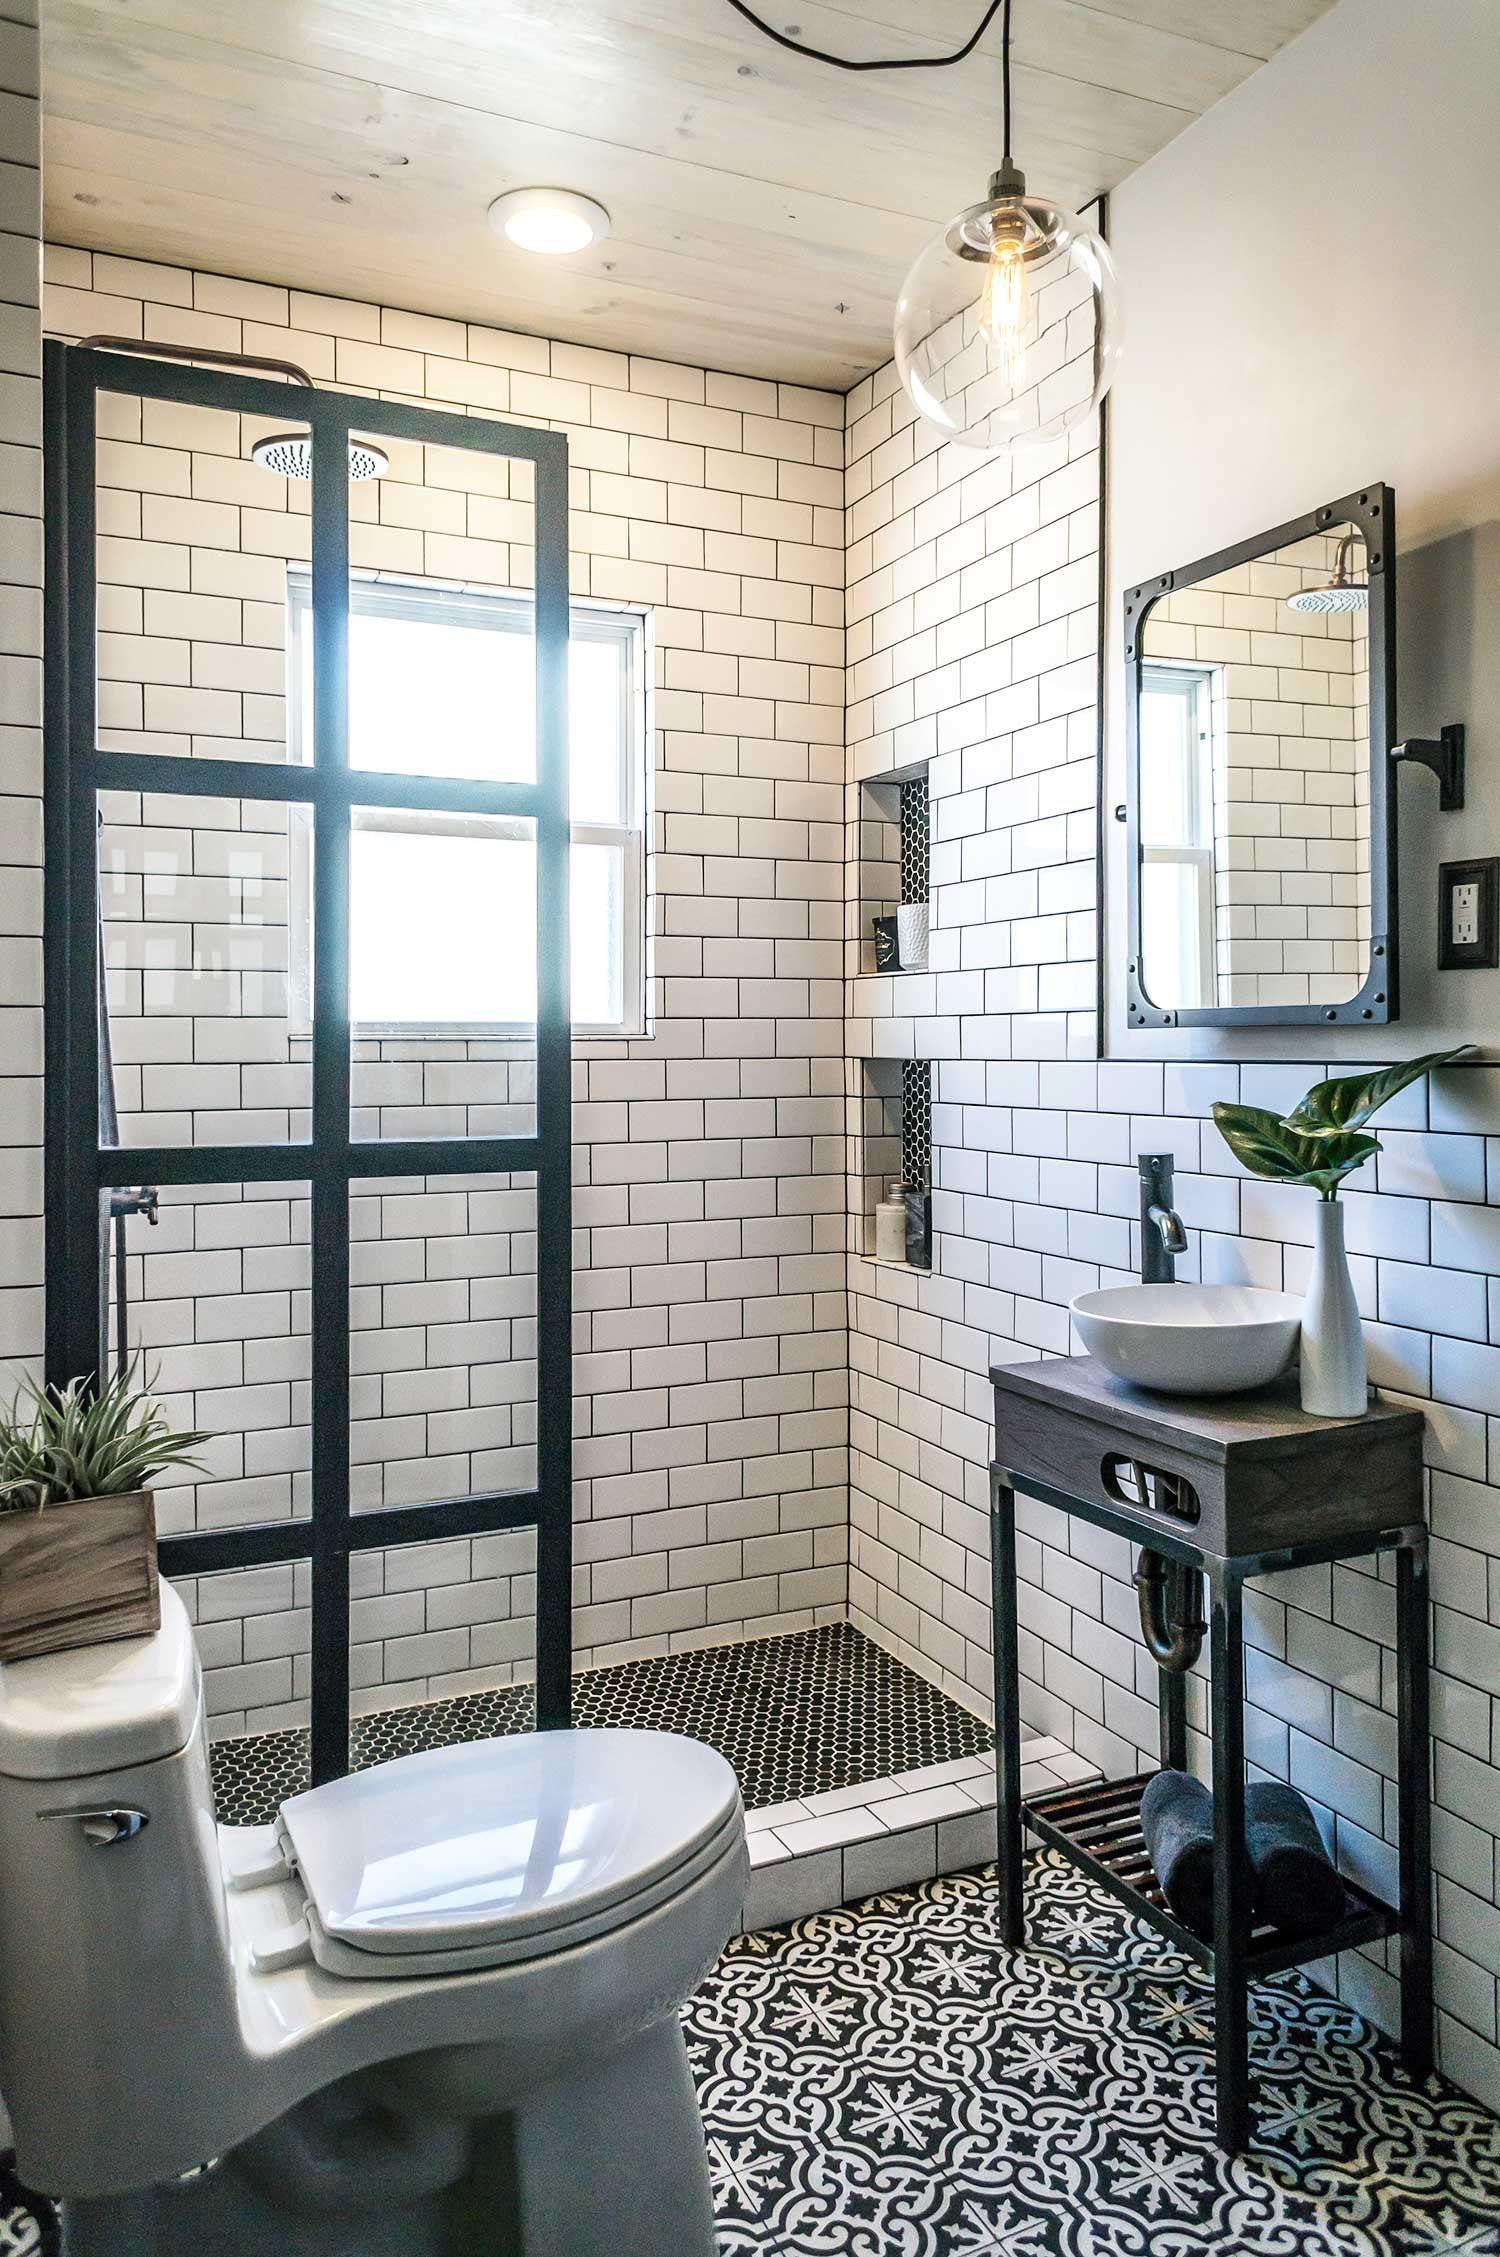 23 stylish bathroom remodeling ideas you ll love bathroom